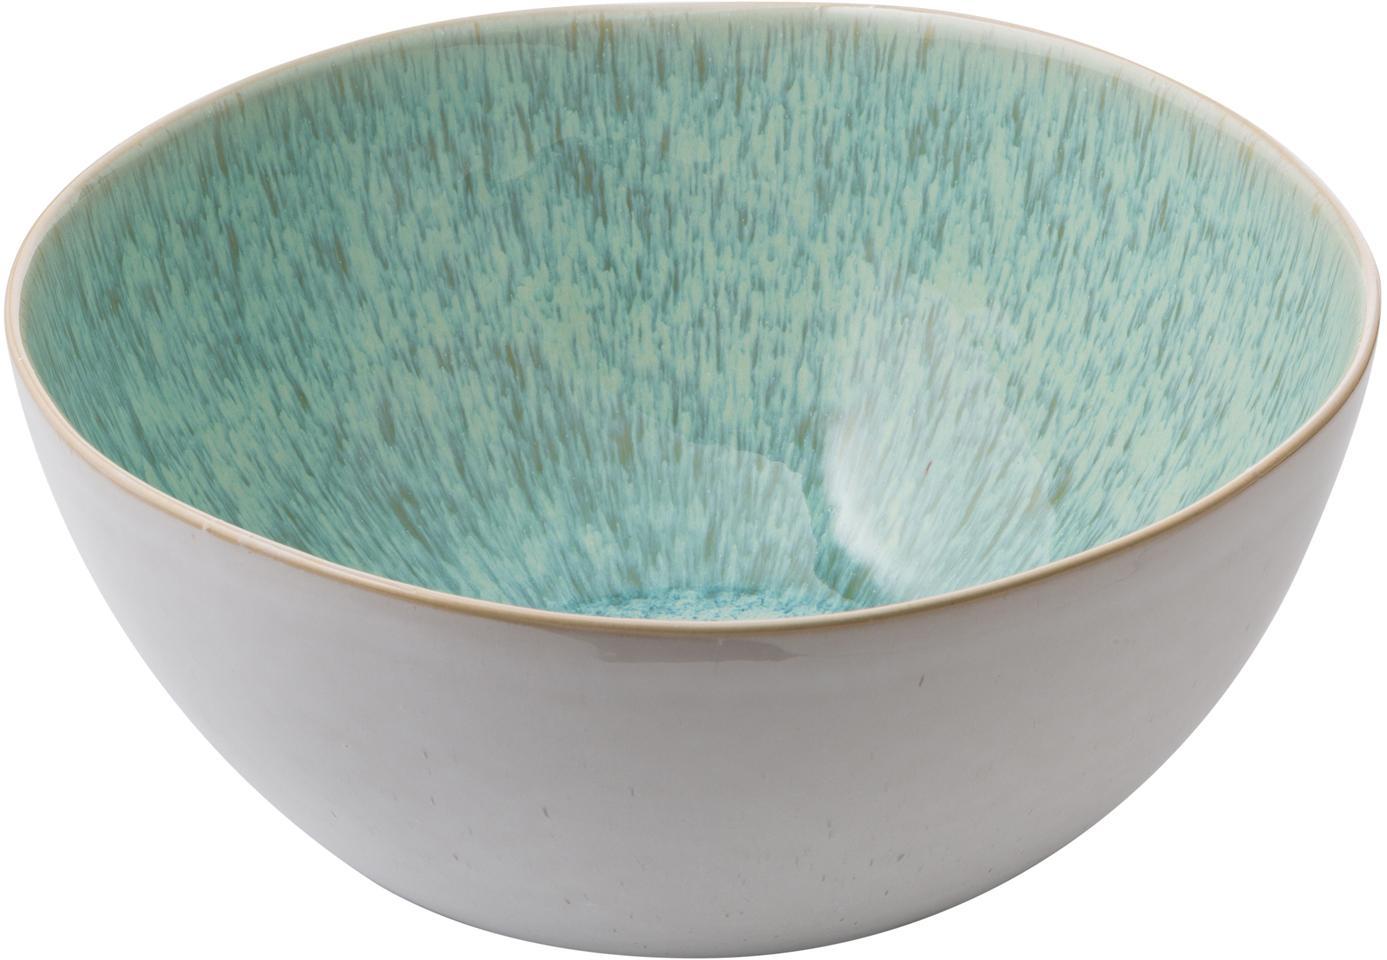 Ensaladera artesanal Areia, Gres, Menta, blanco crudo, beige, Ø 26 x Al 12 cm